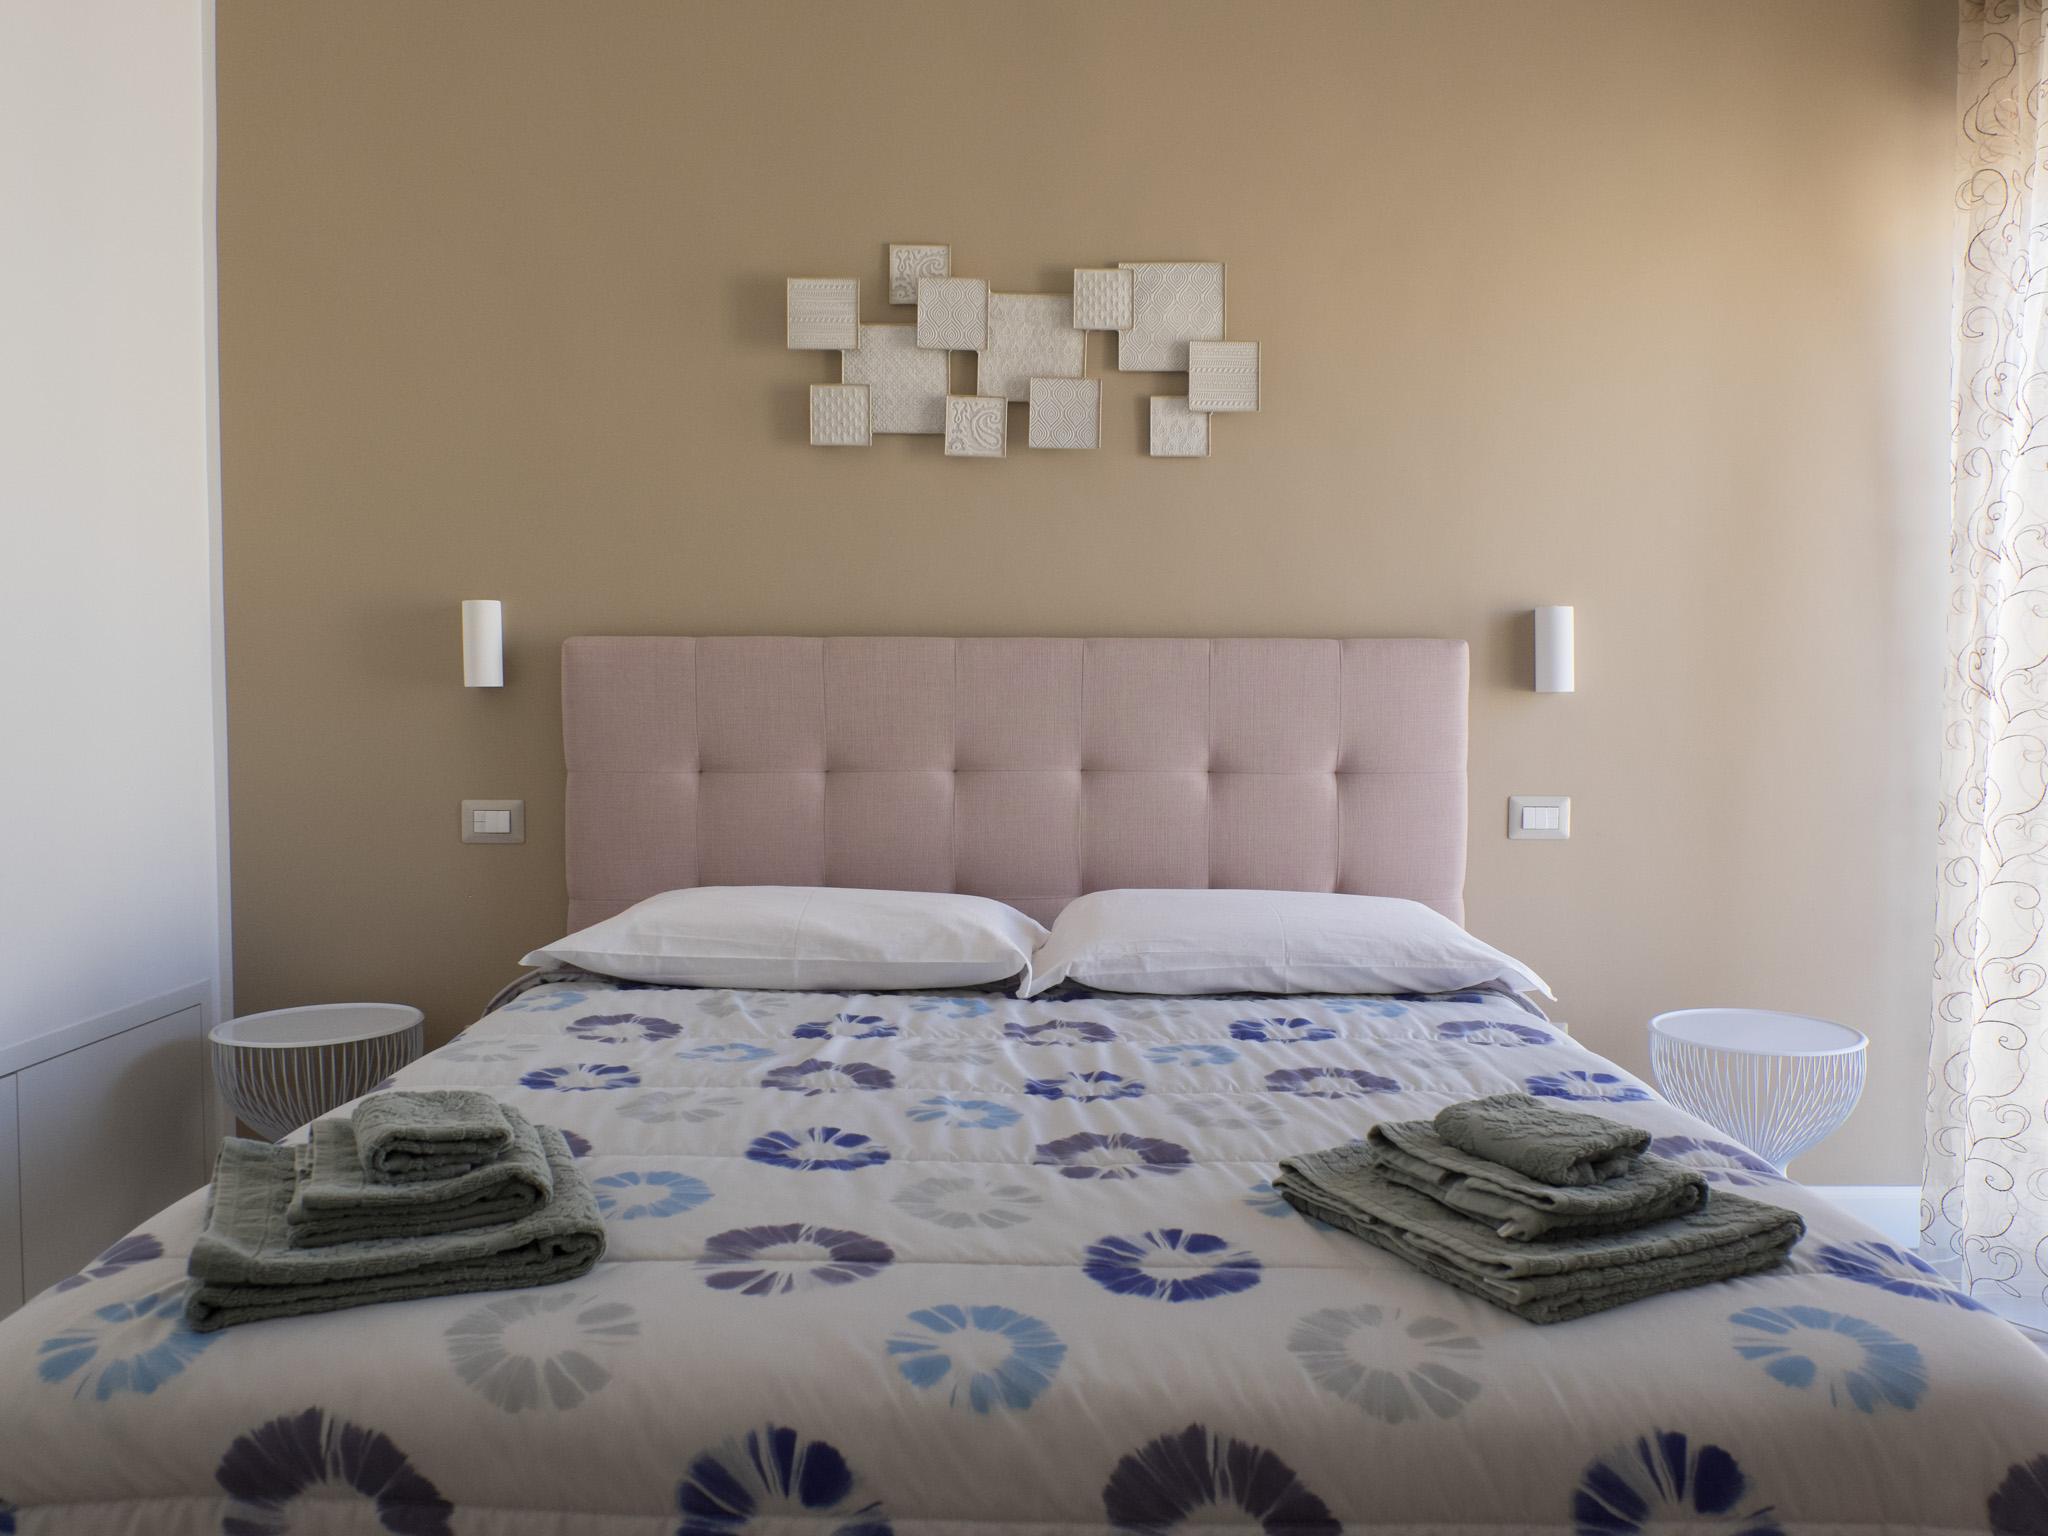 bizantini apartments la-casa-dei-nonni-casa-vacanze-bb-camere-dormire-sassi-di-matera-basilicata-42